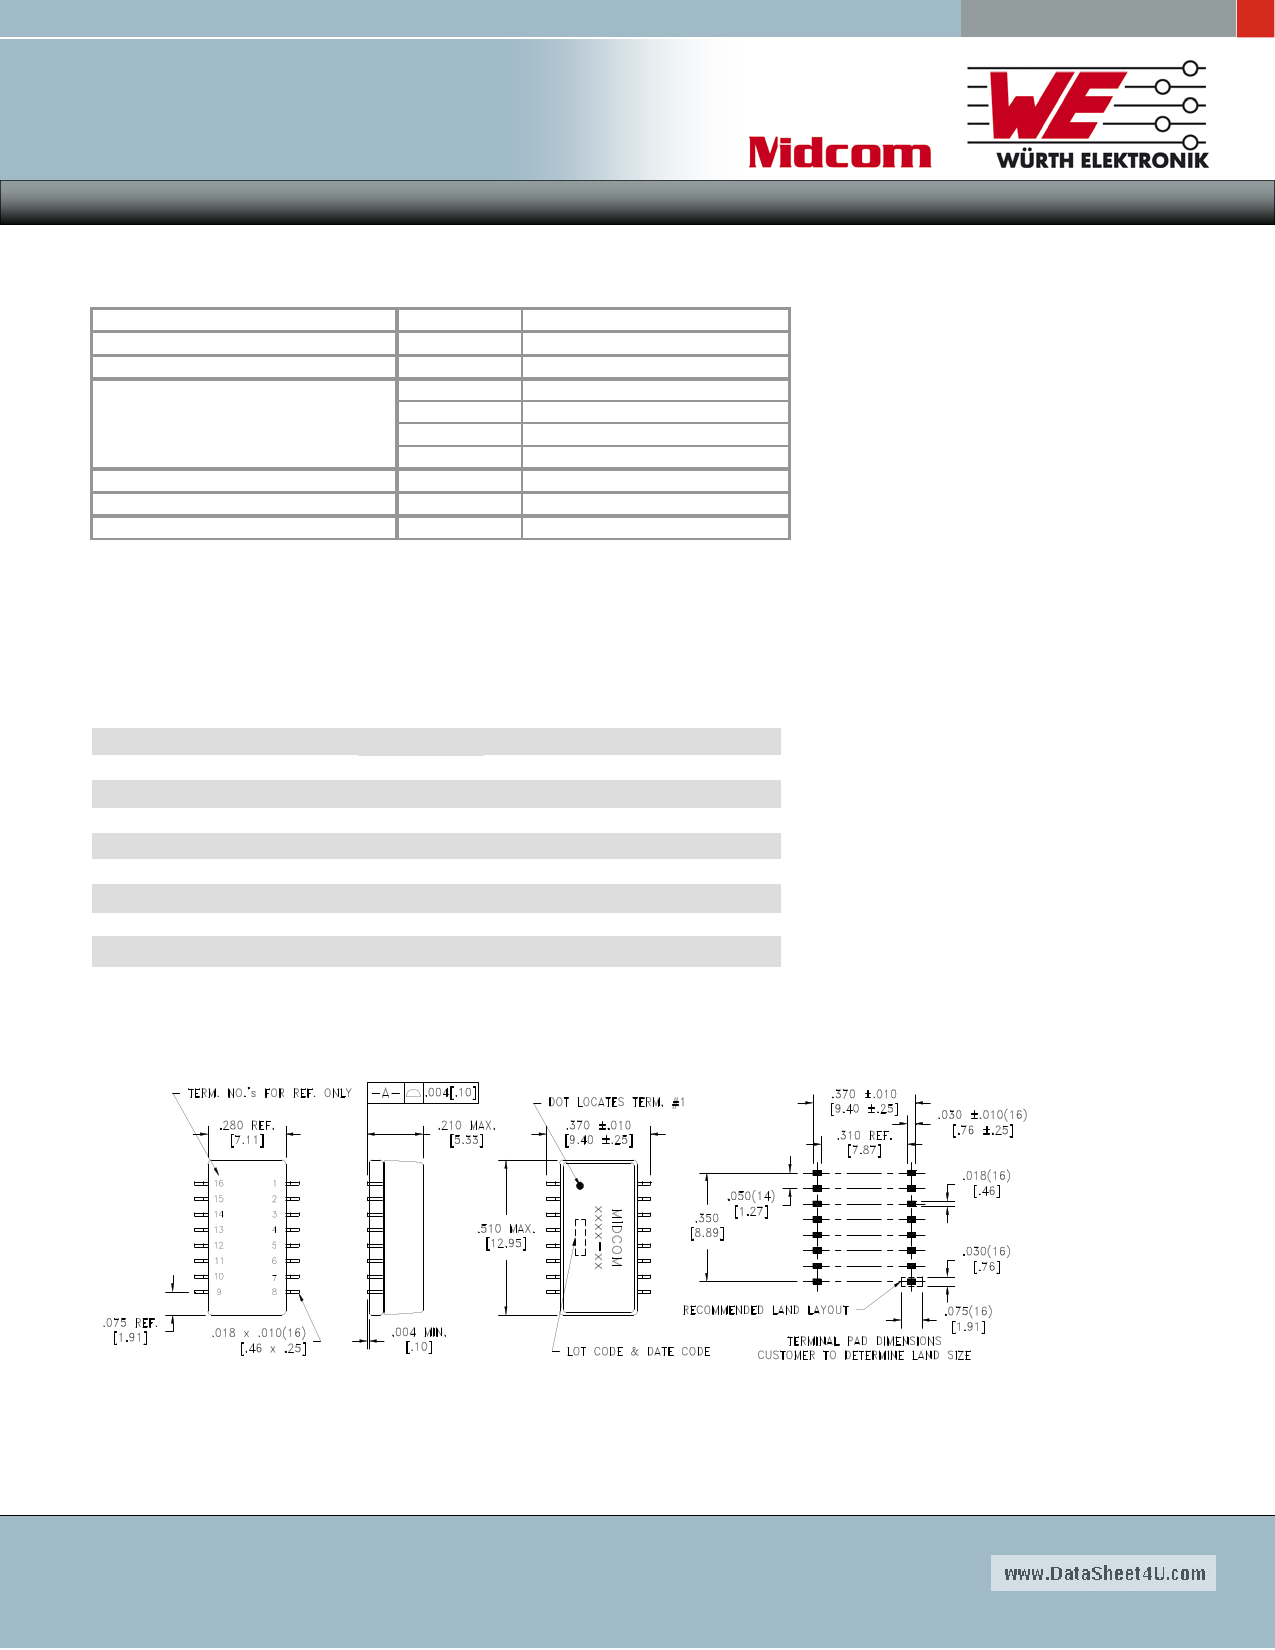 000-7213-37 datasheet